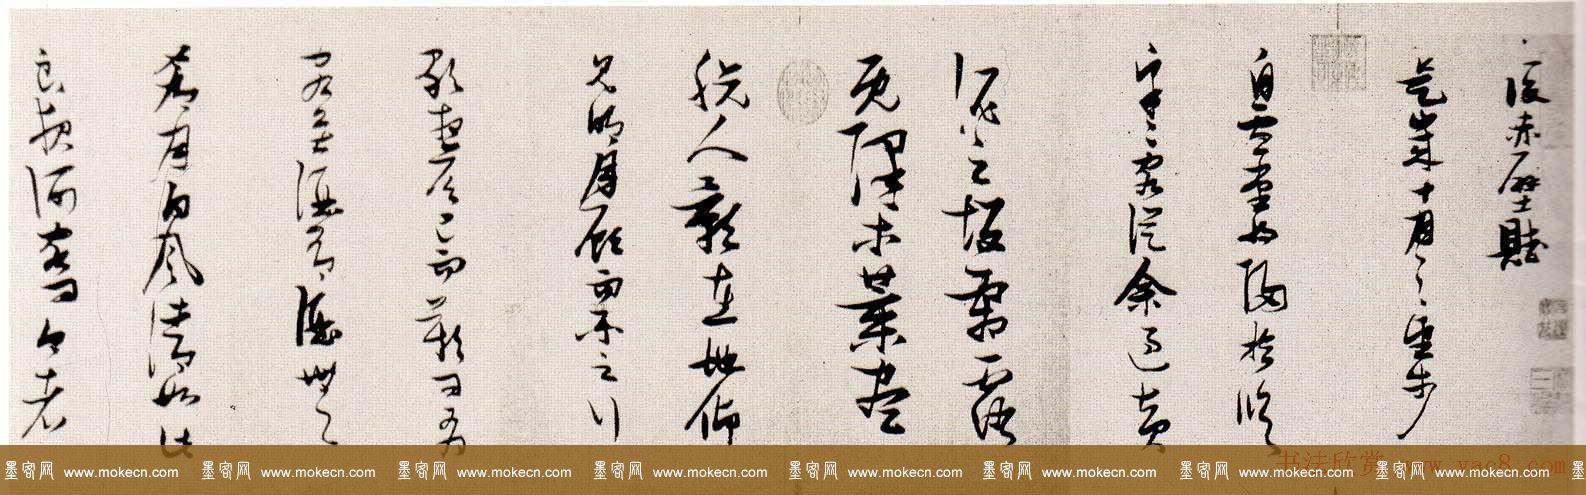 张瑞图书法赏析草书手卷《后赤壁赋》